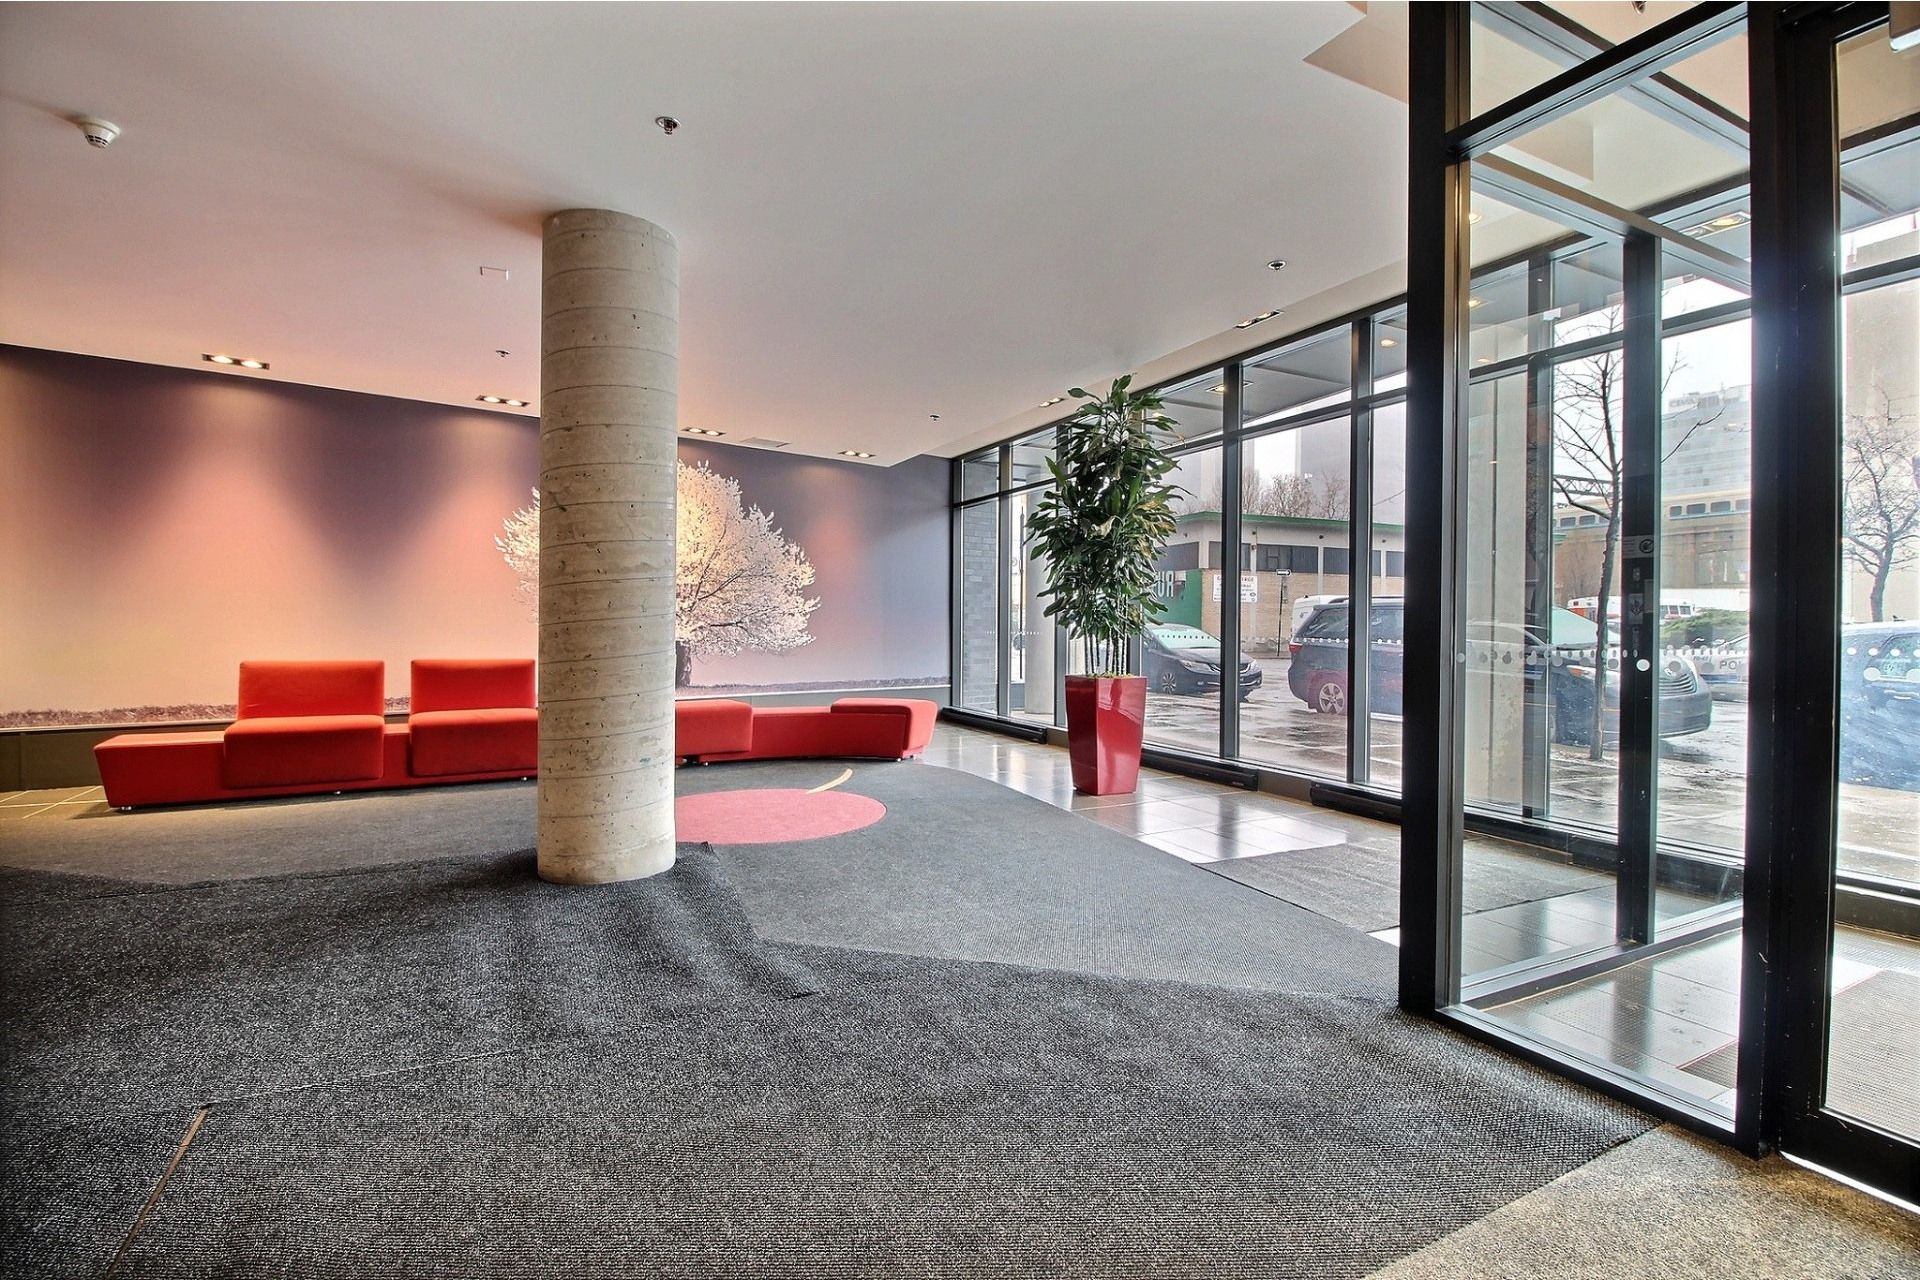 image 12 - Apartment For rent Montréal Le Sud-Ouest  - 3 rooms